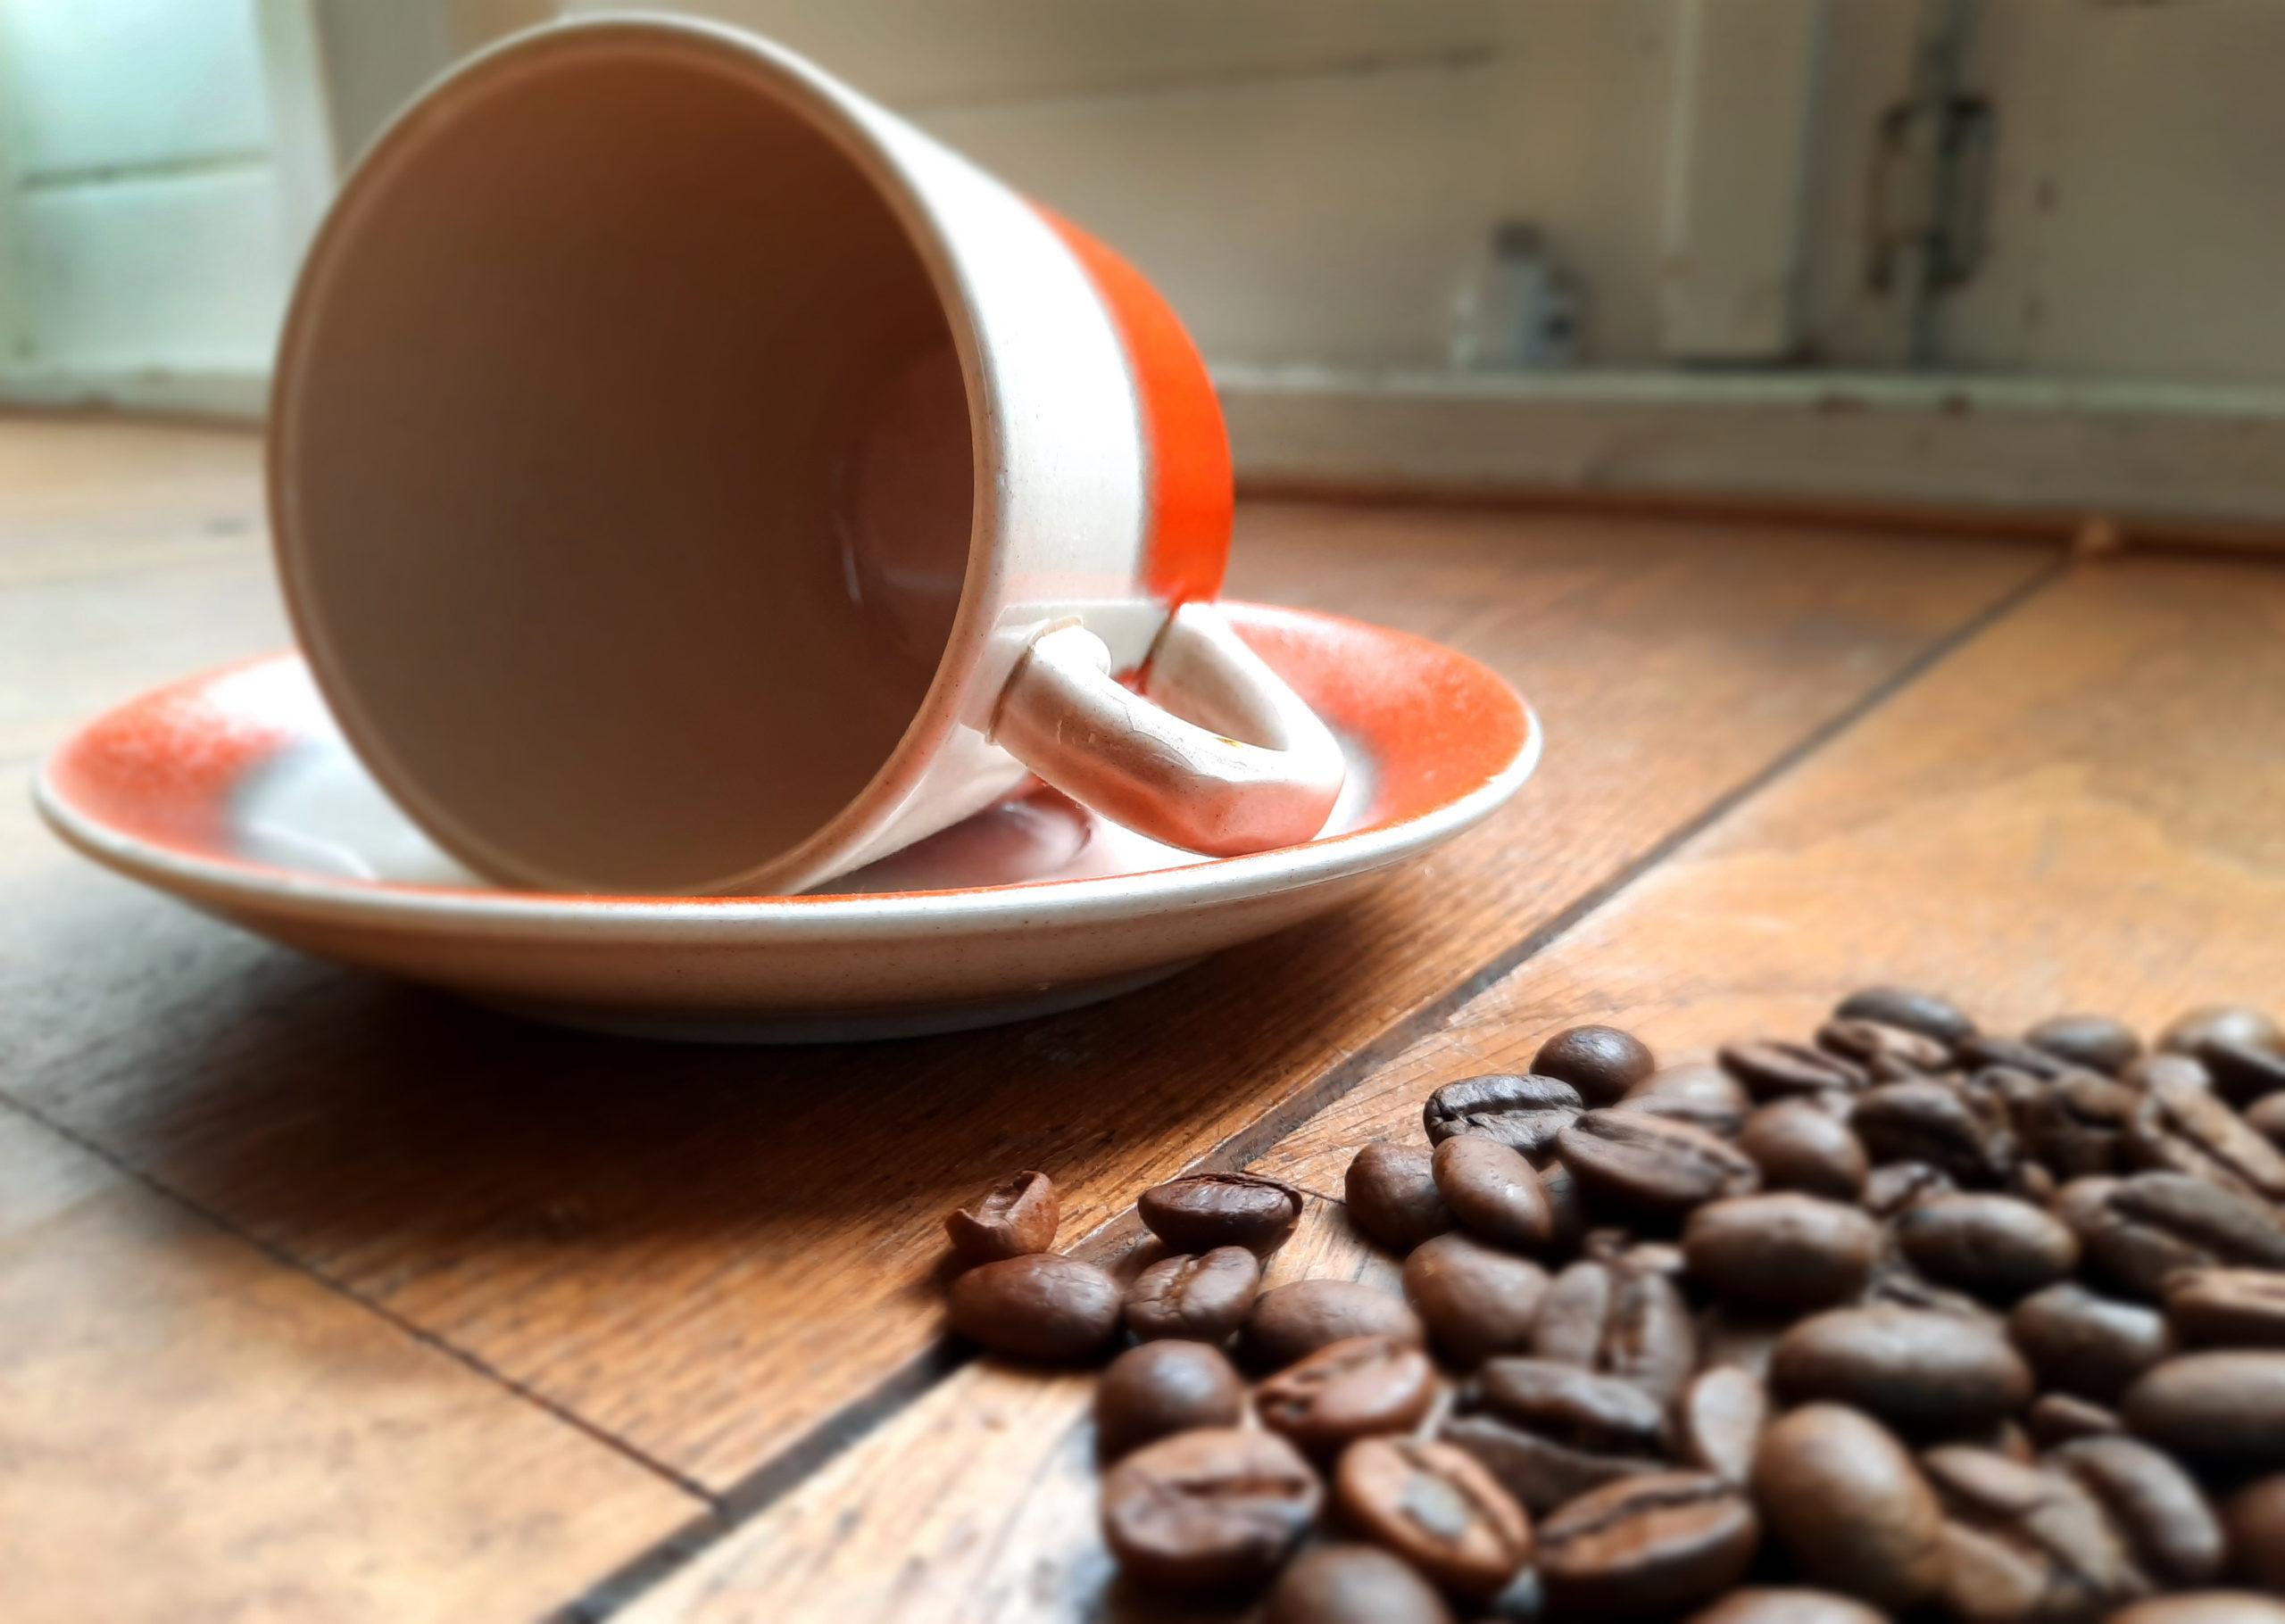 koffie kopje liggend op schoteltje met koffiebonen erbij. Ondersteunden aan gedicht Nog-even-niet. Troost koffie